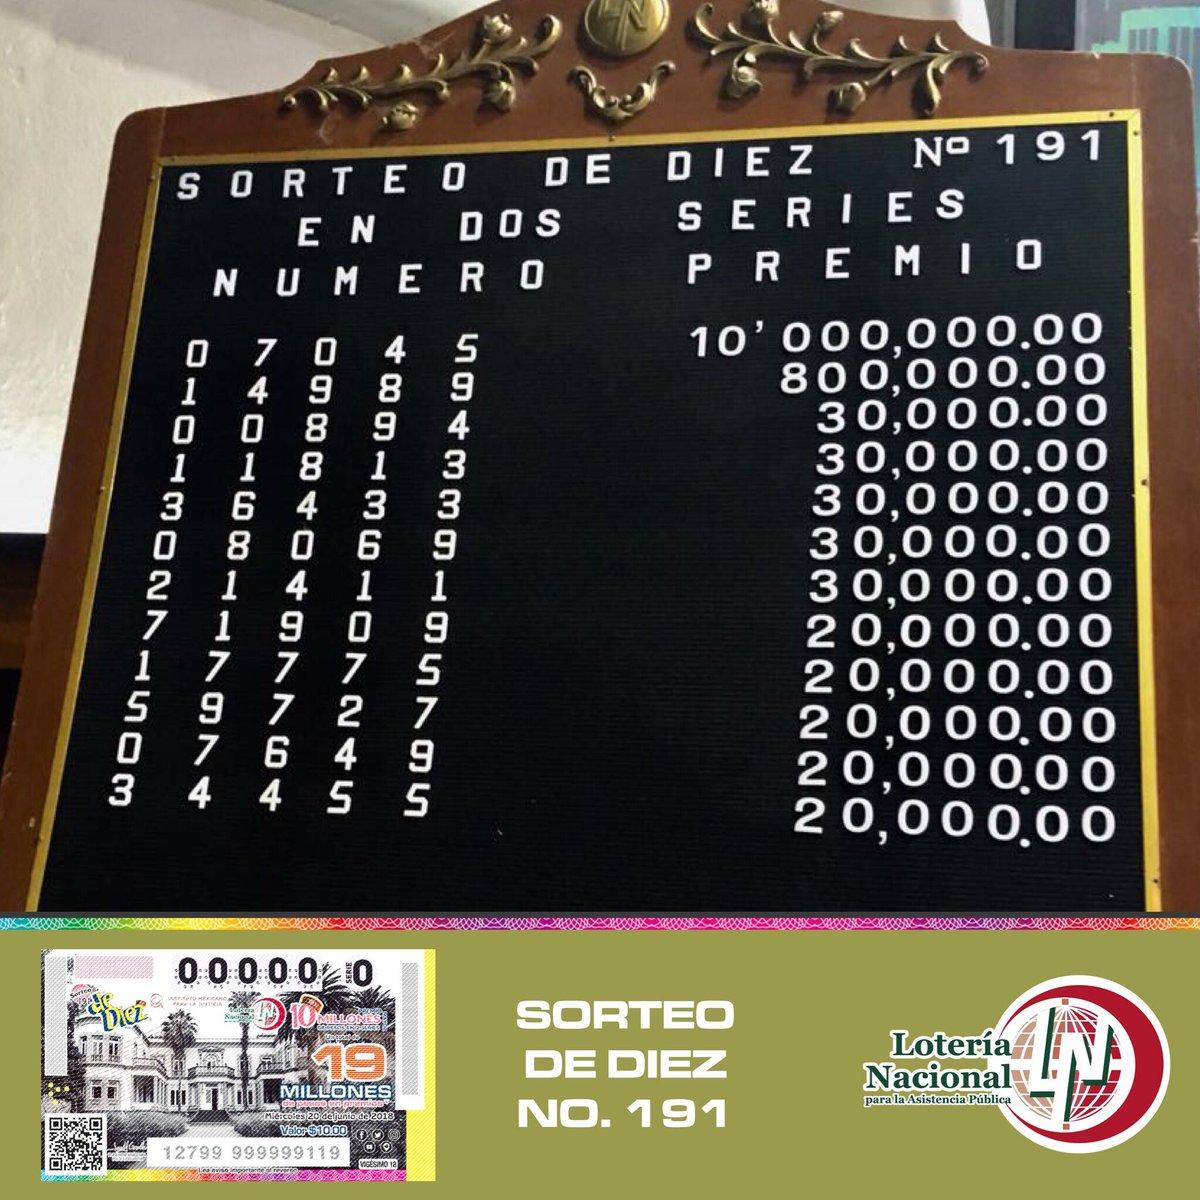 Resultados sorteo de diez 191